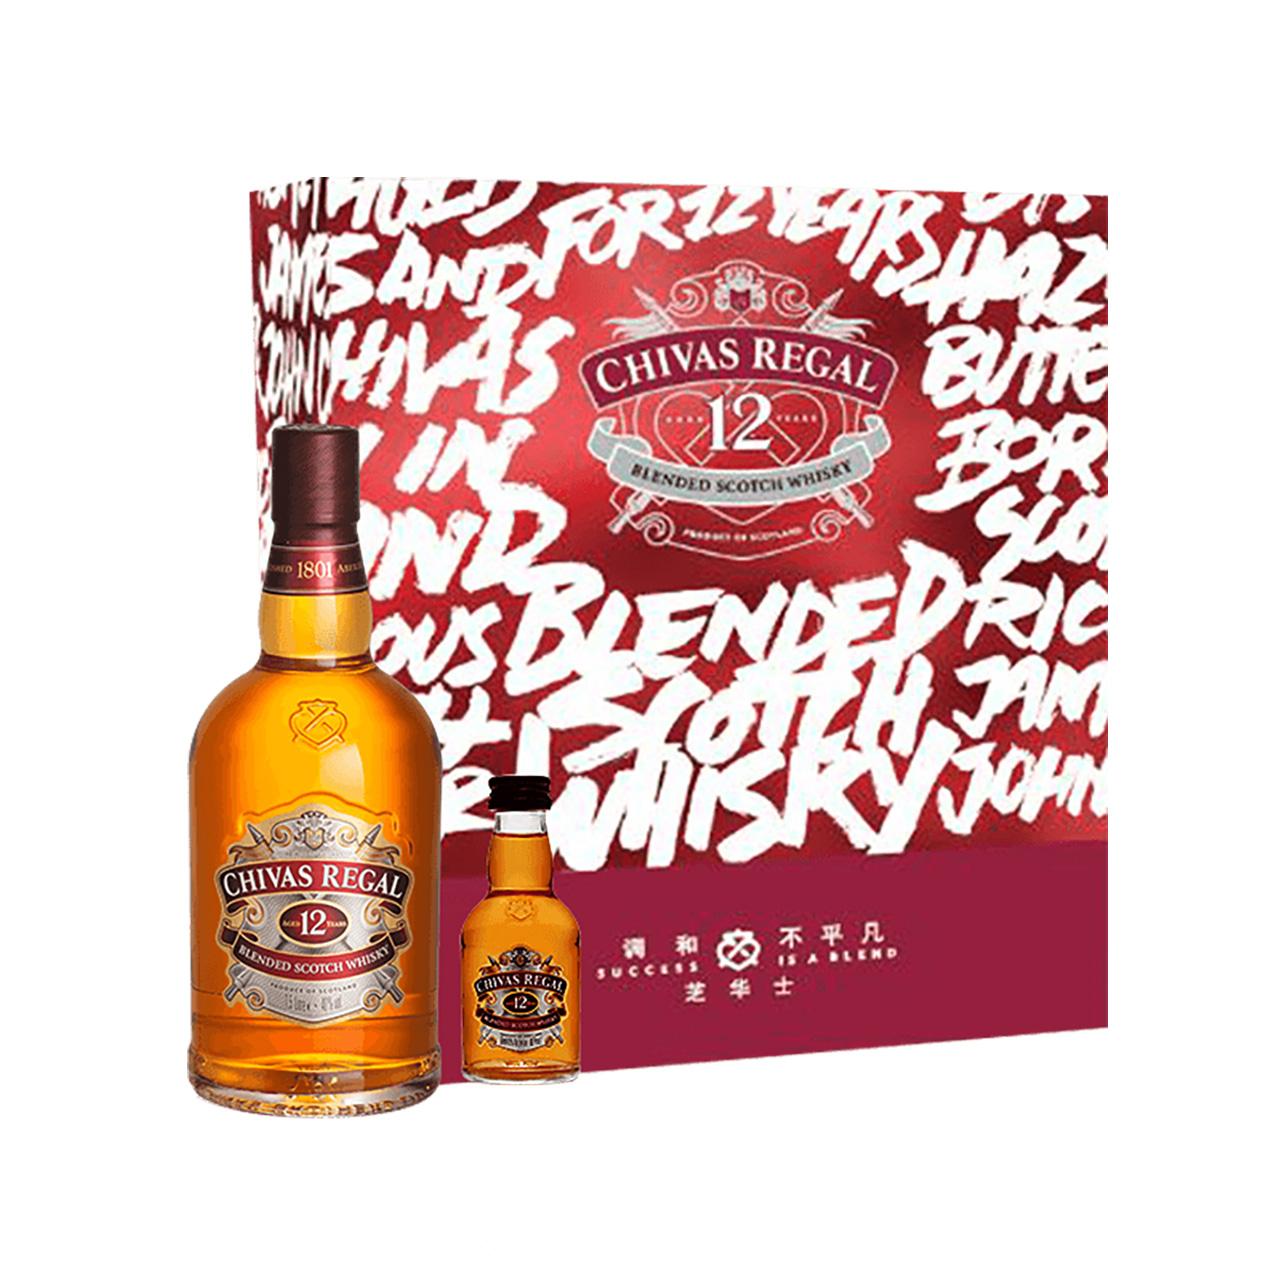 英国进口 芝华士 12年苏格兰威士忌 500ml+50ml 礼盒